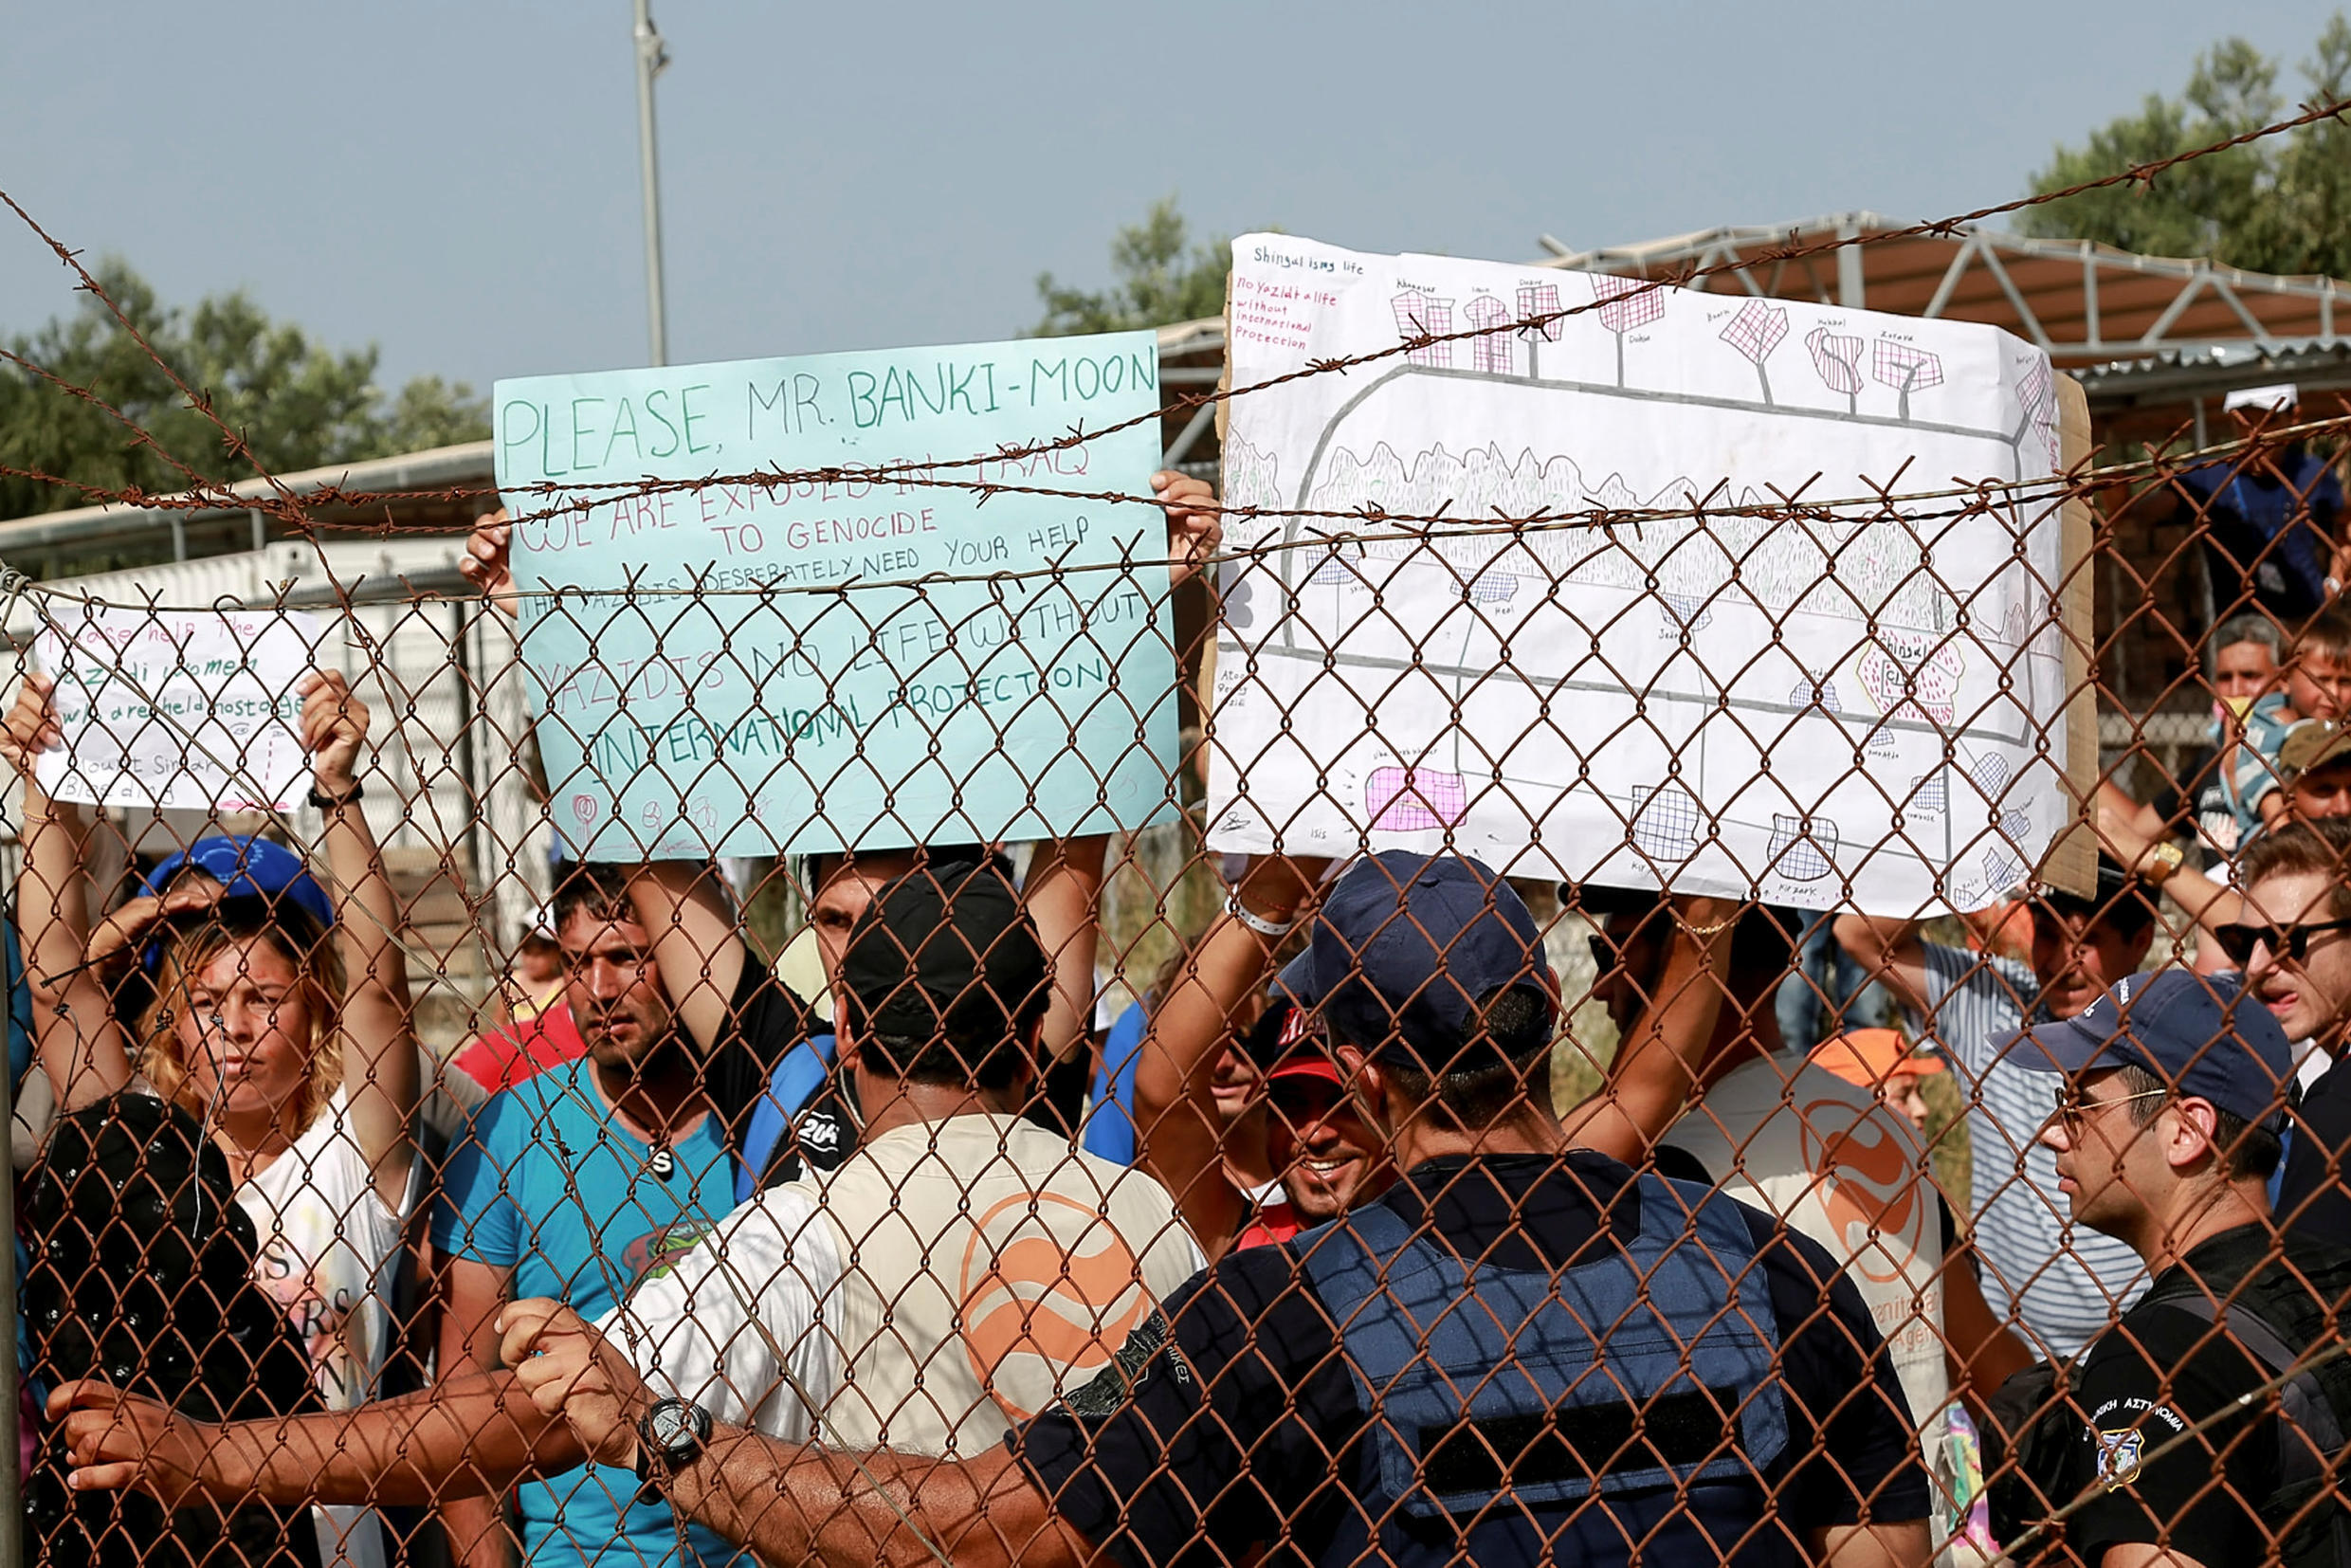 Les réfugiés appellent Ban Ki-moon à l'aide, dans le camp de Kara Tepe, dans l'île de Lesbos, en Grèce, lors de la visite du secrétaire général des Nations unies, le 18 juin 2016.